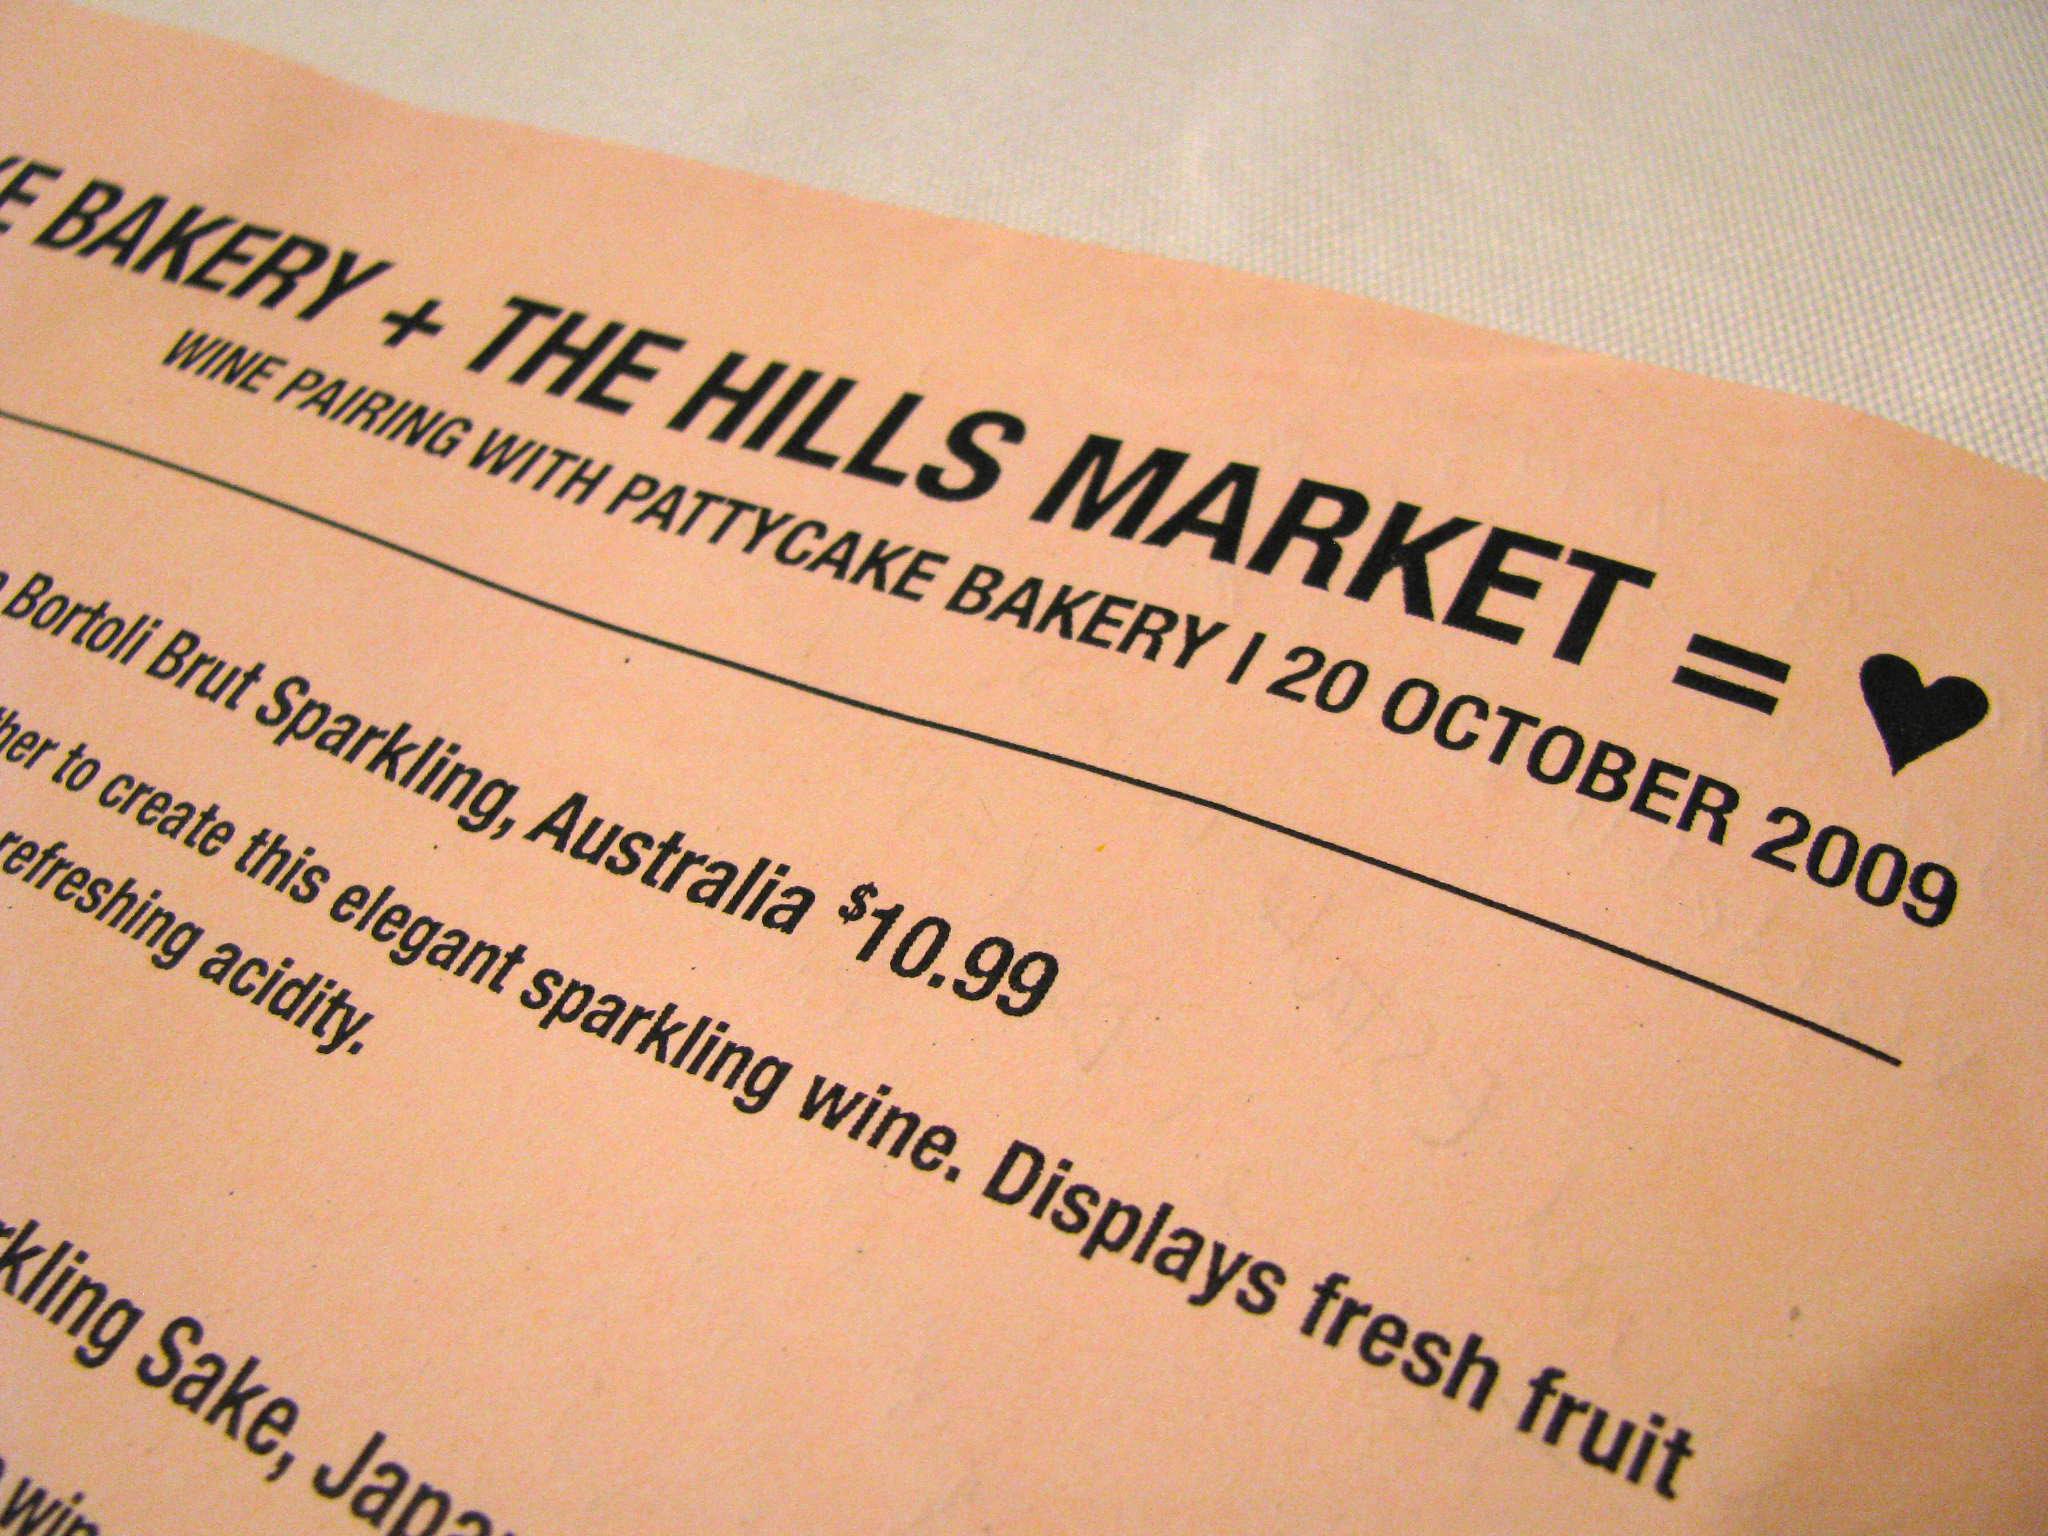 hills market columbus ohio